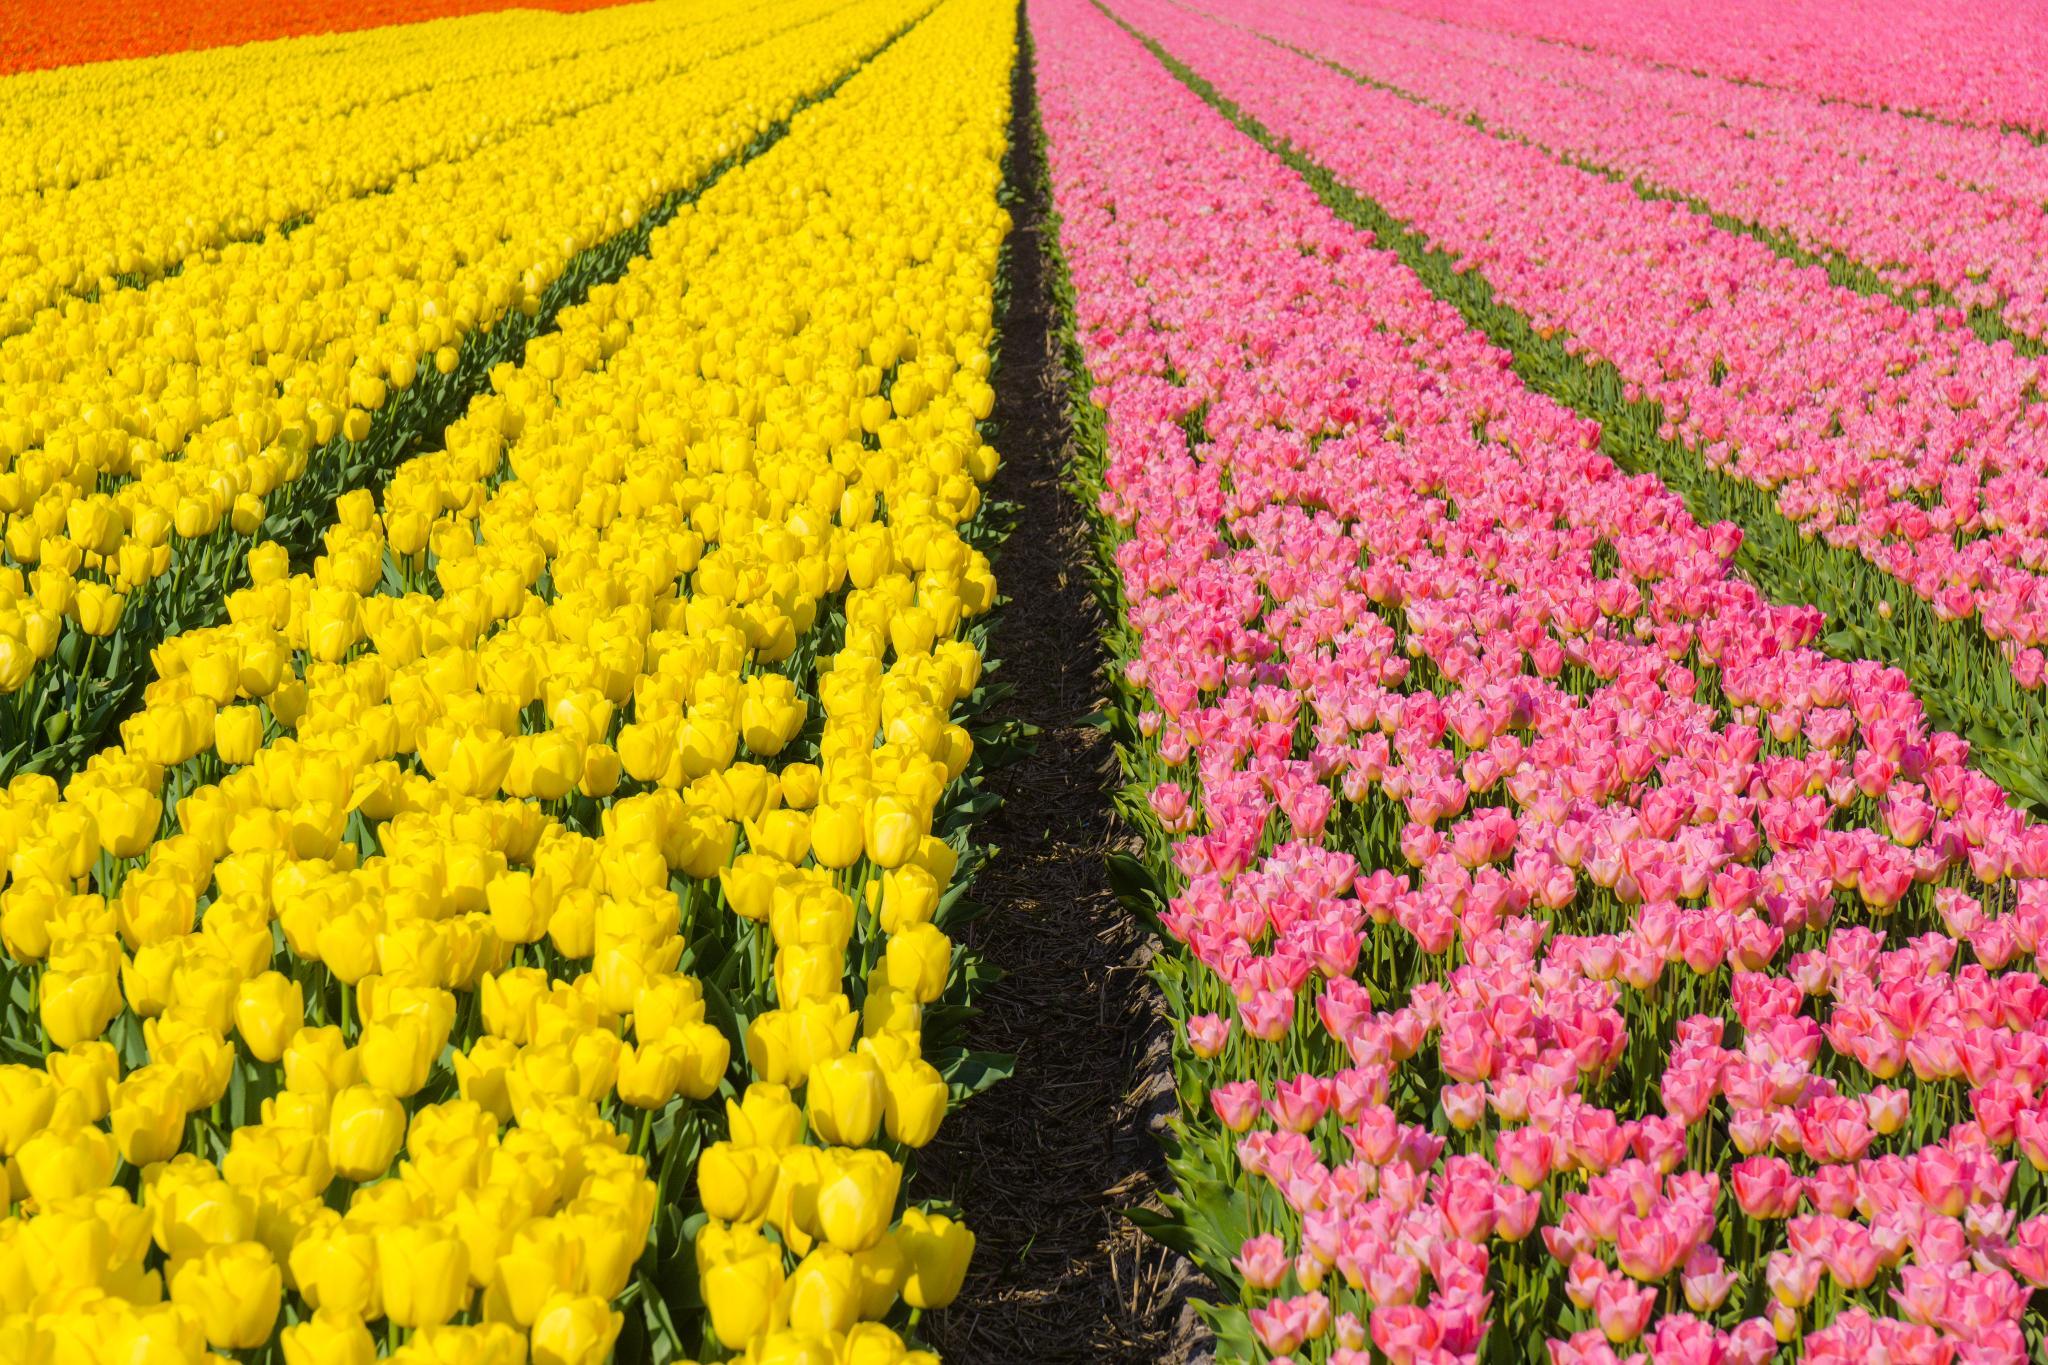 【荷蘭印象】花田嬉事:荷蘭單車花之路 50